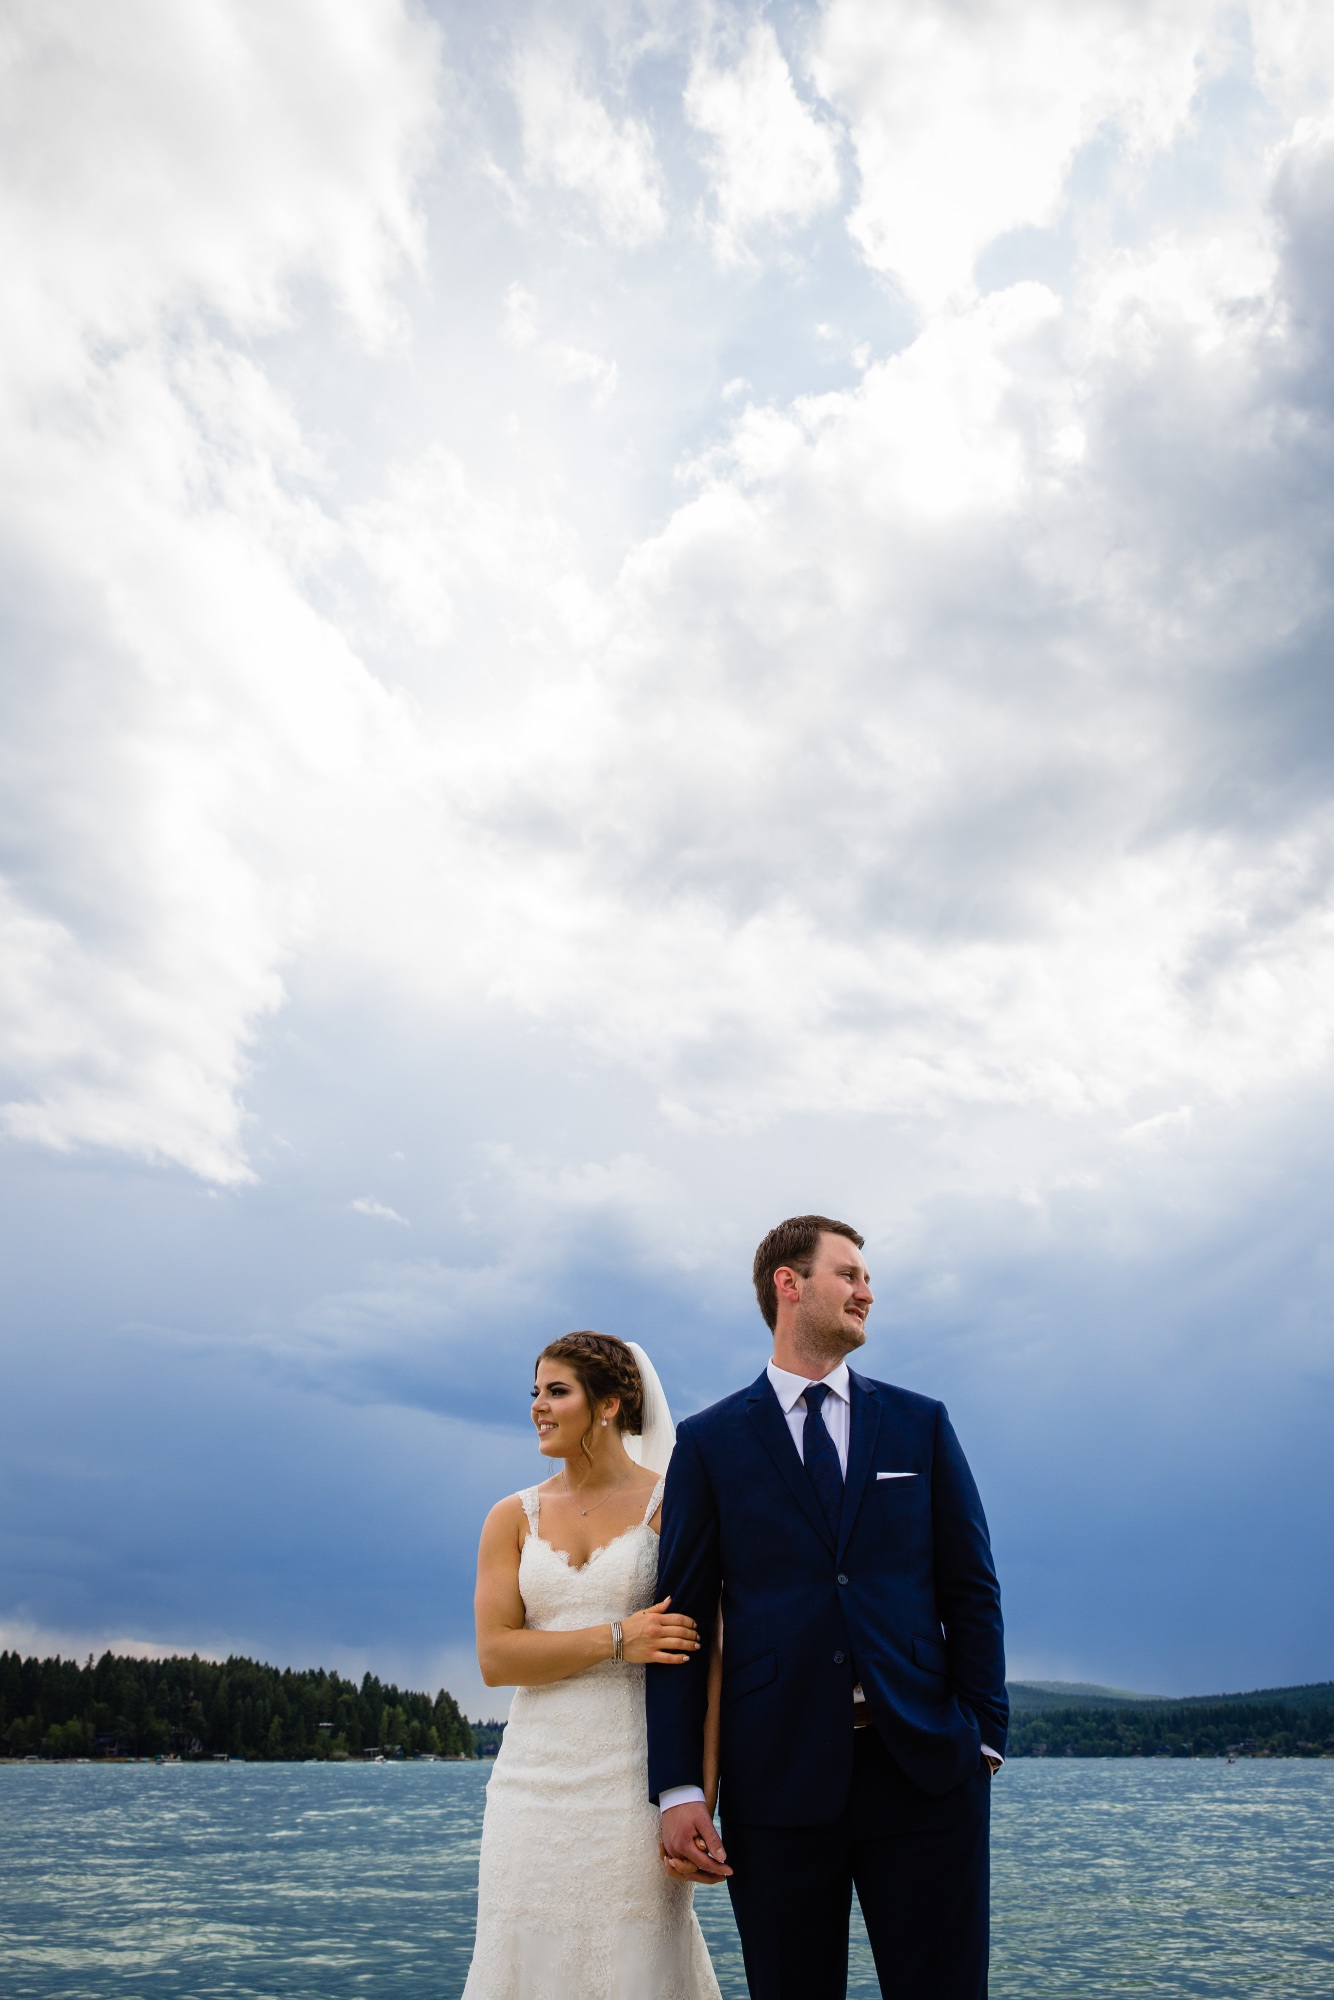 lindseyjanephotography_wedding0039.jpg